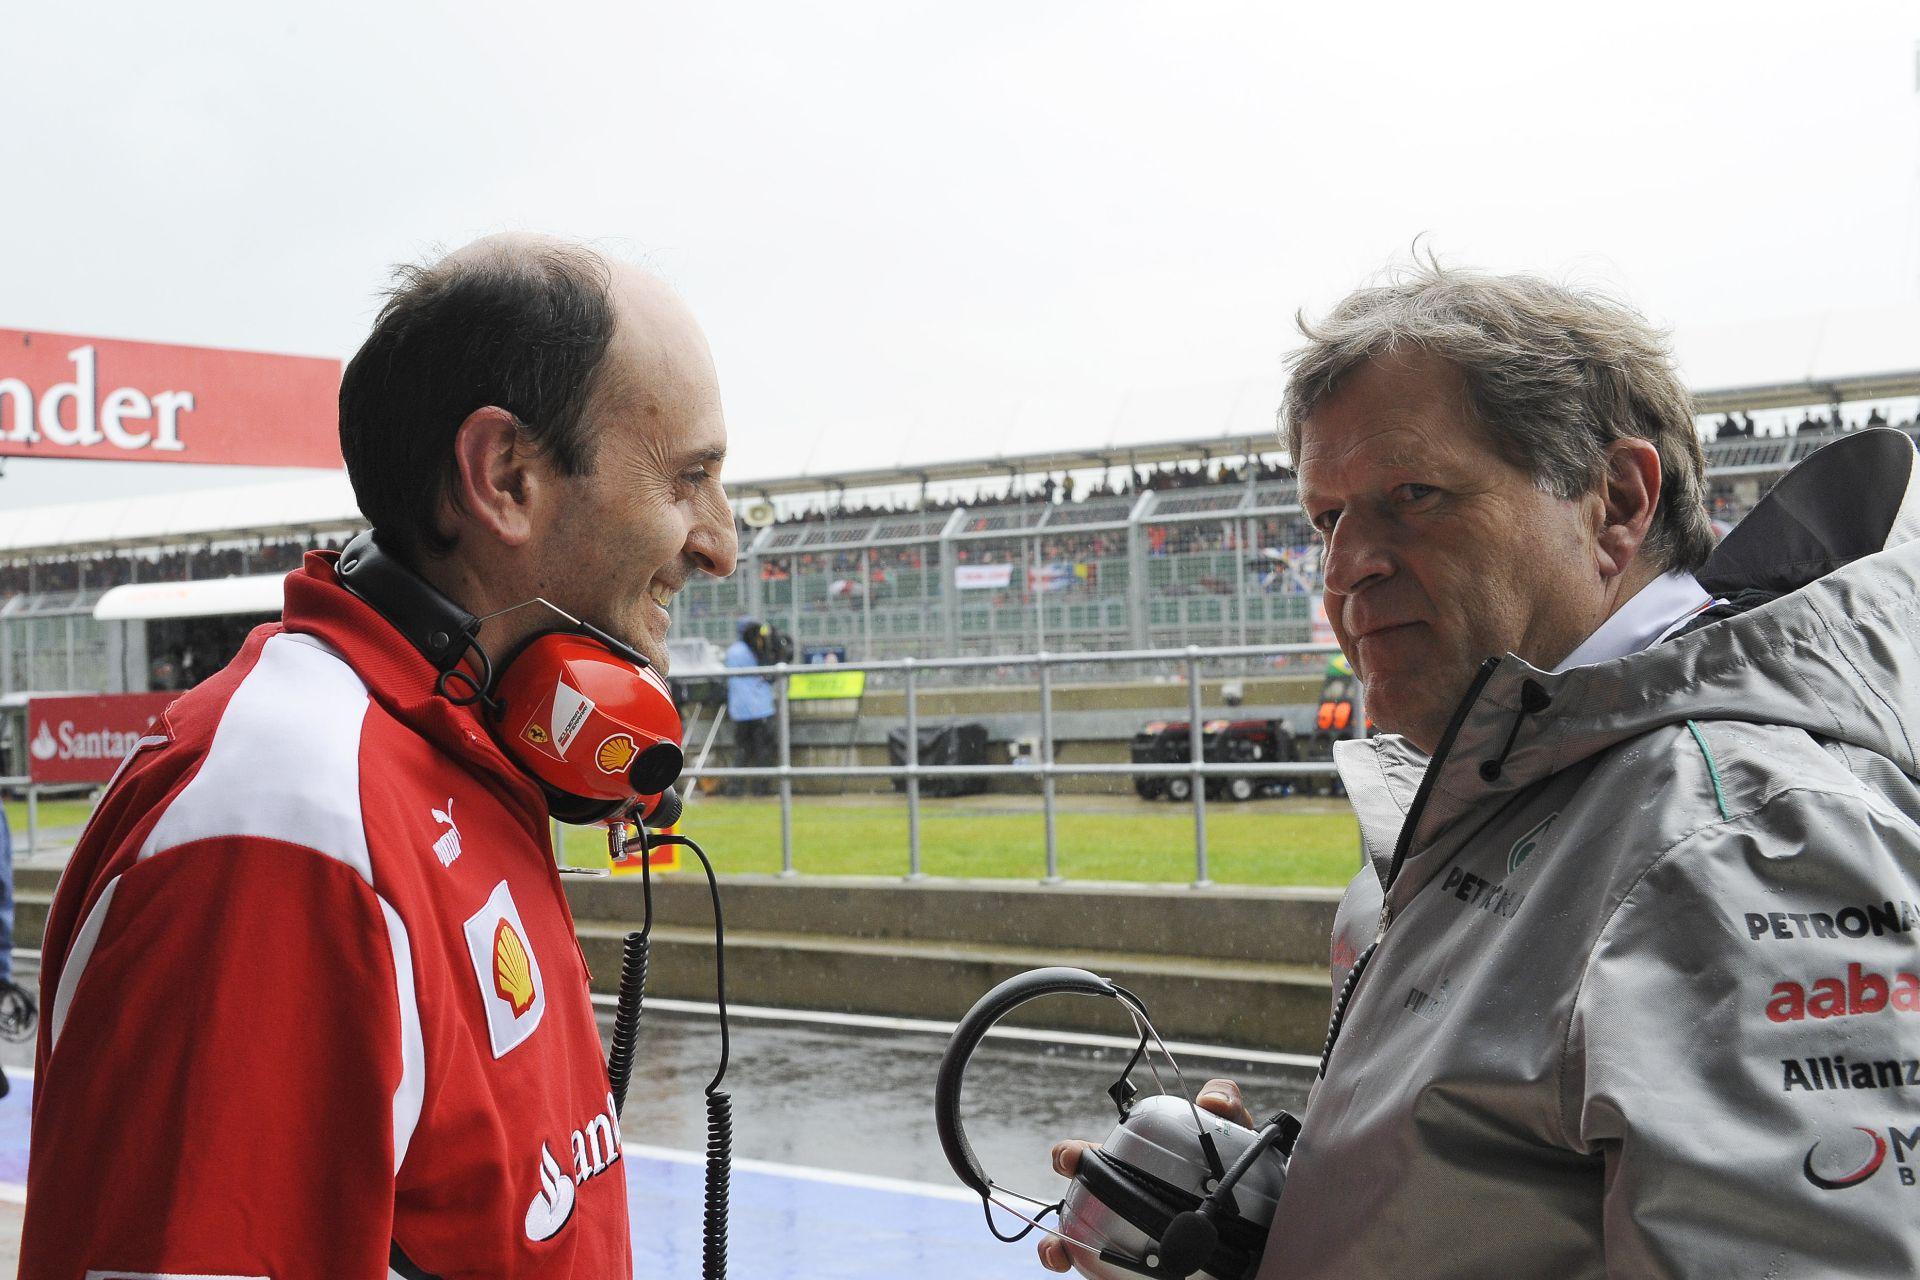 Újabb nagy név távozik a Ferraritól? Fejeknek kell hullaniuk a gyenge teljesítmény miatt